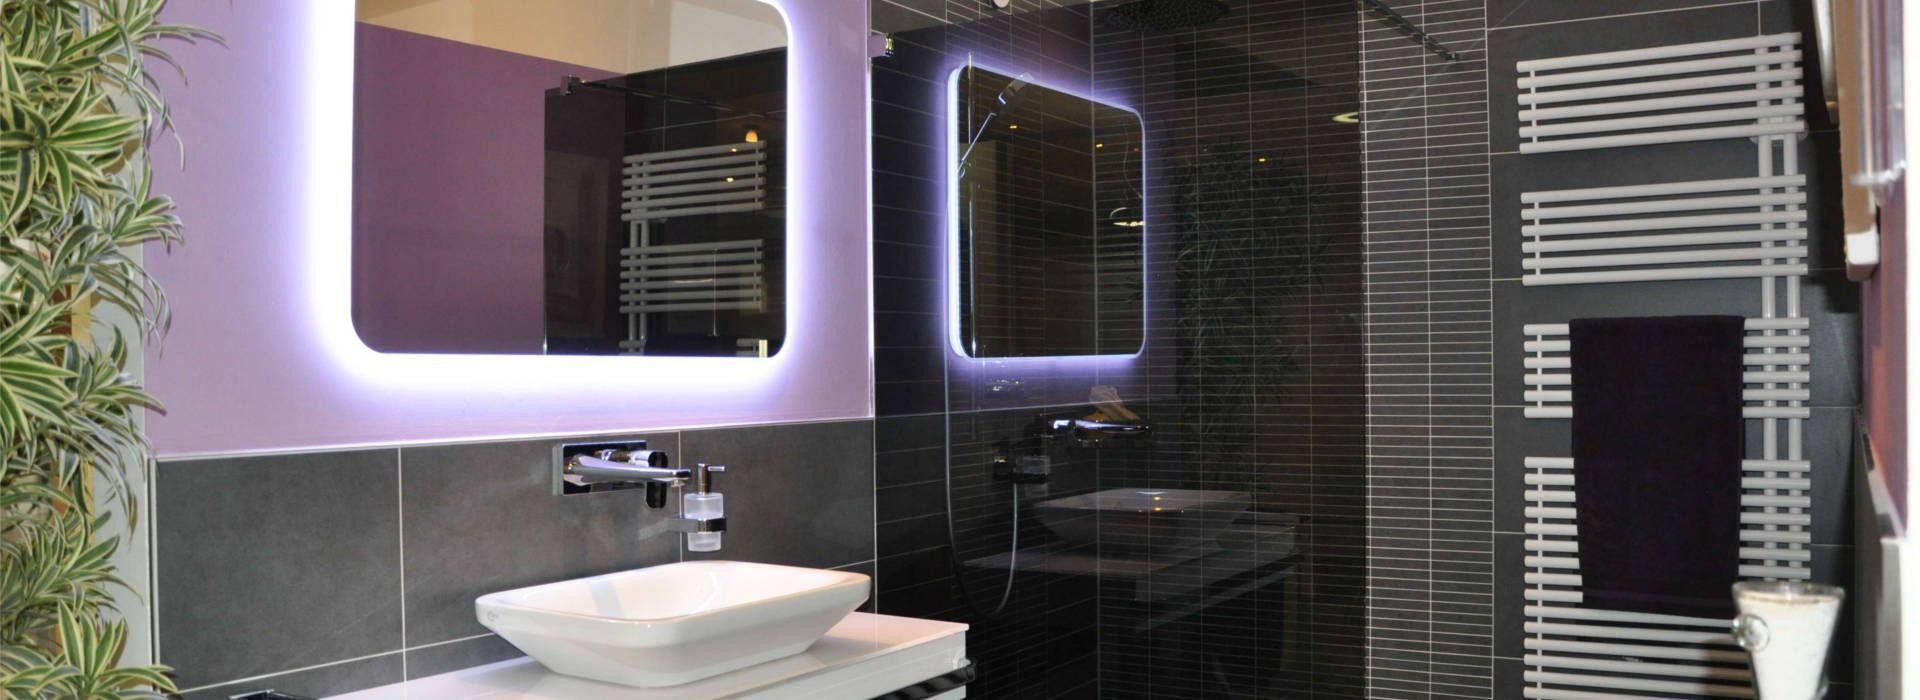 gienger ausstellung beautiful bulthaup c tisch with gienger ausstellung great bv waldkirchen. Black Bedroom Furniture Sets. Home Design Ideas